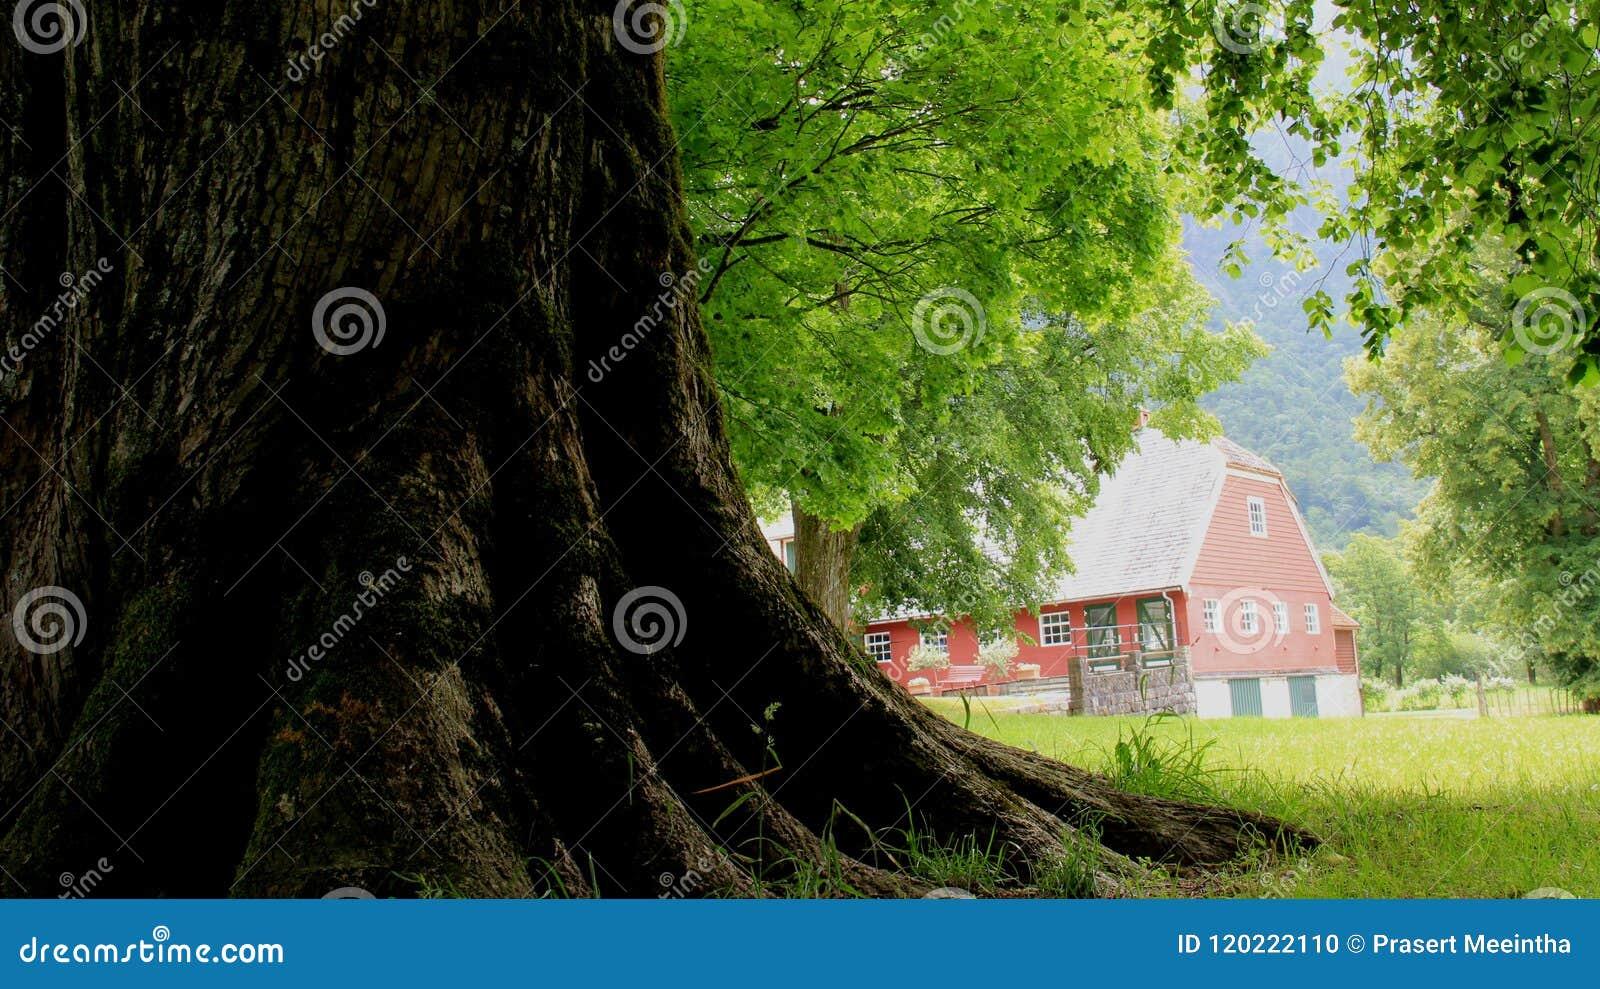 Baum avobe alles Großer Baum mit grünem Feld